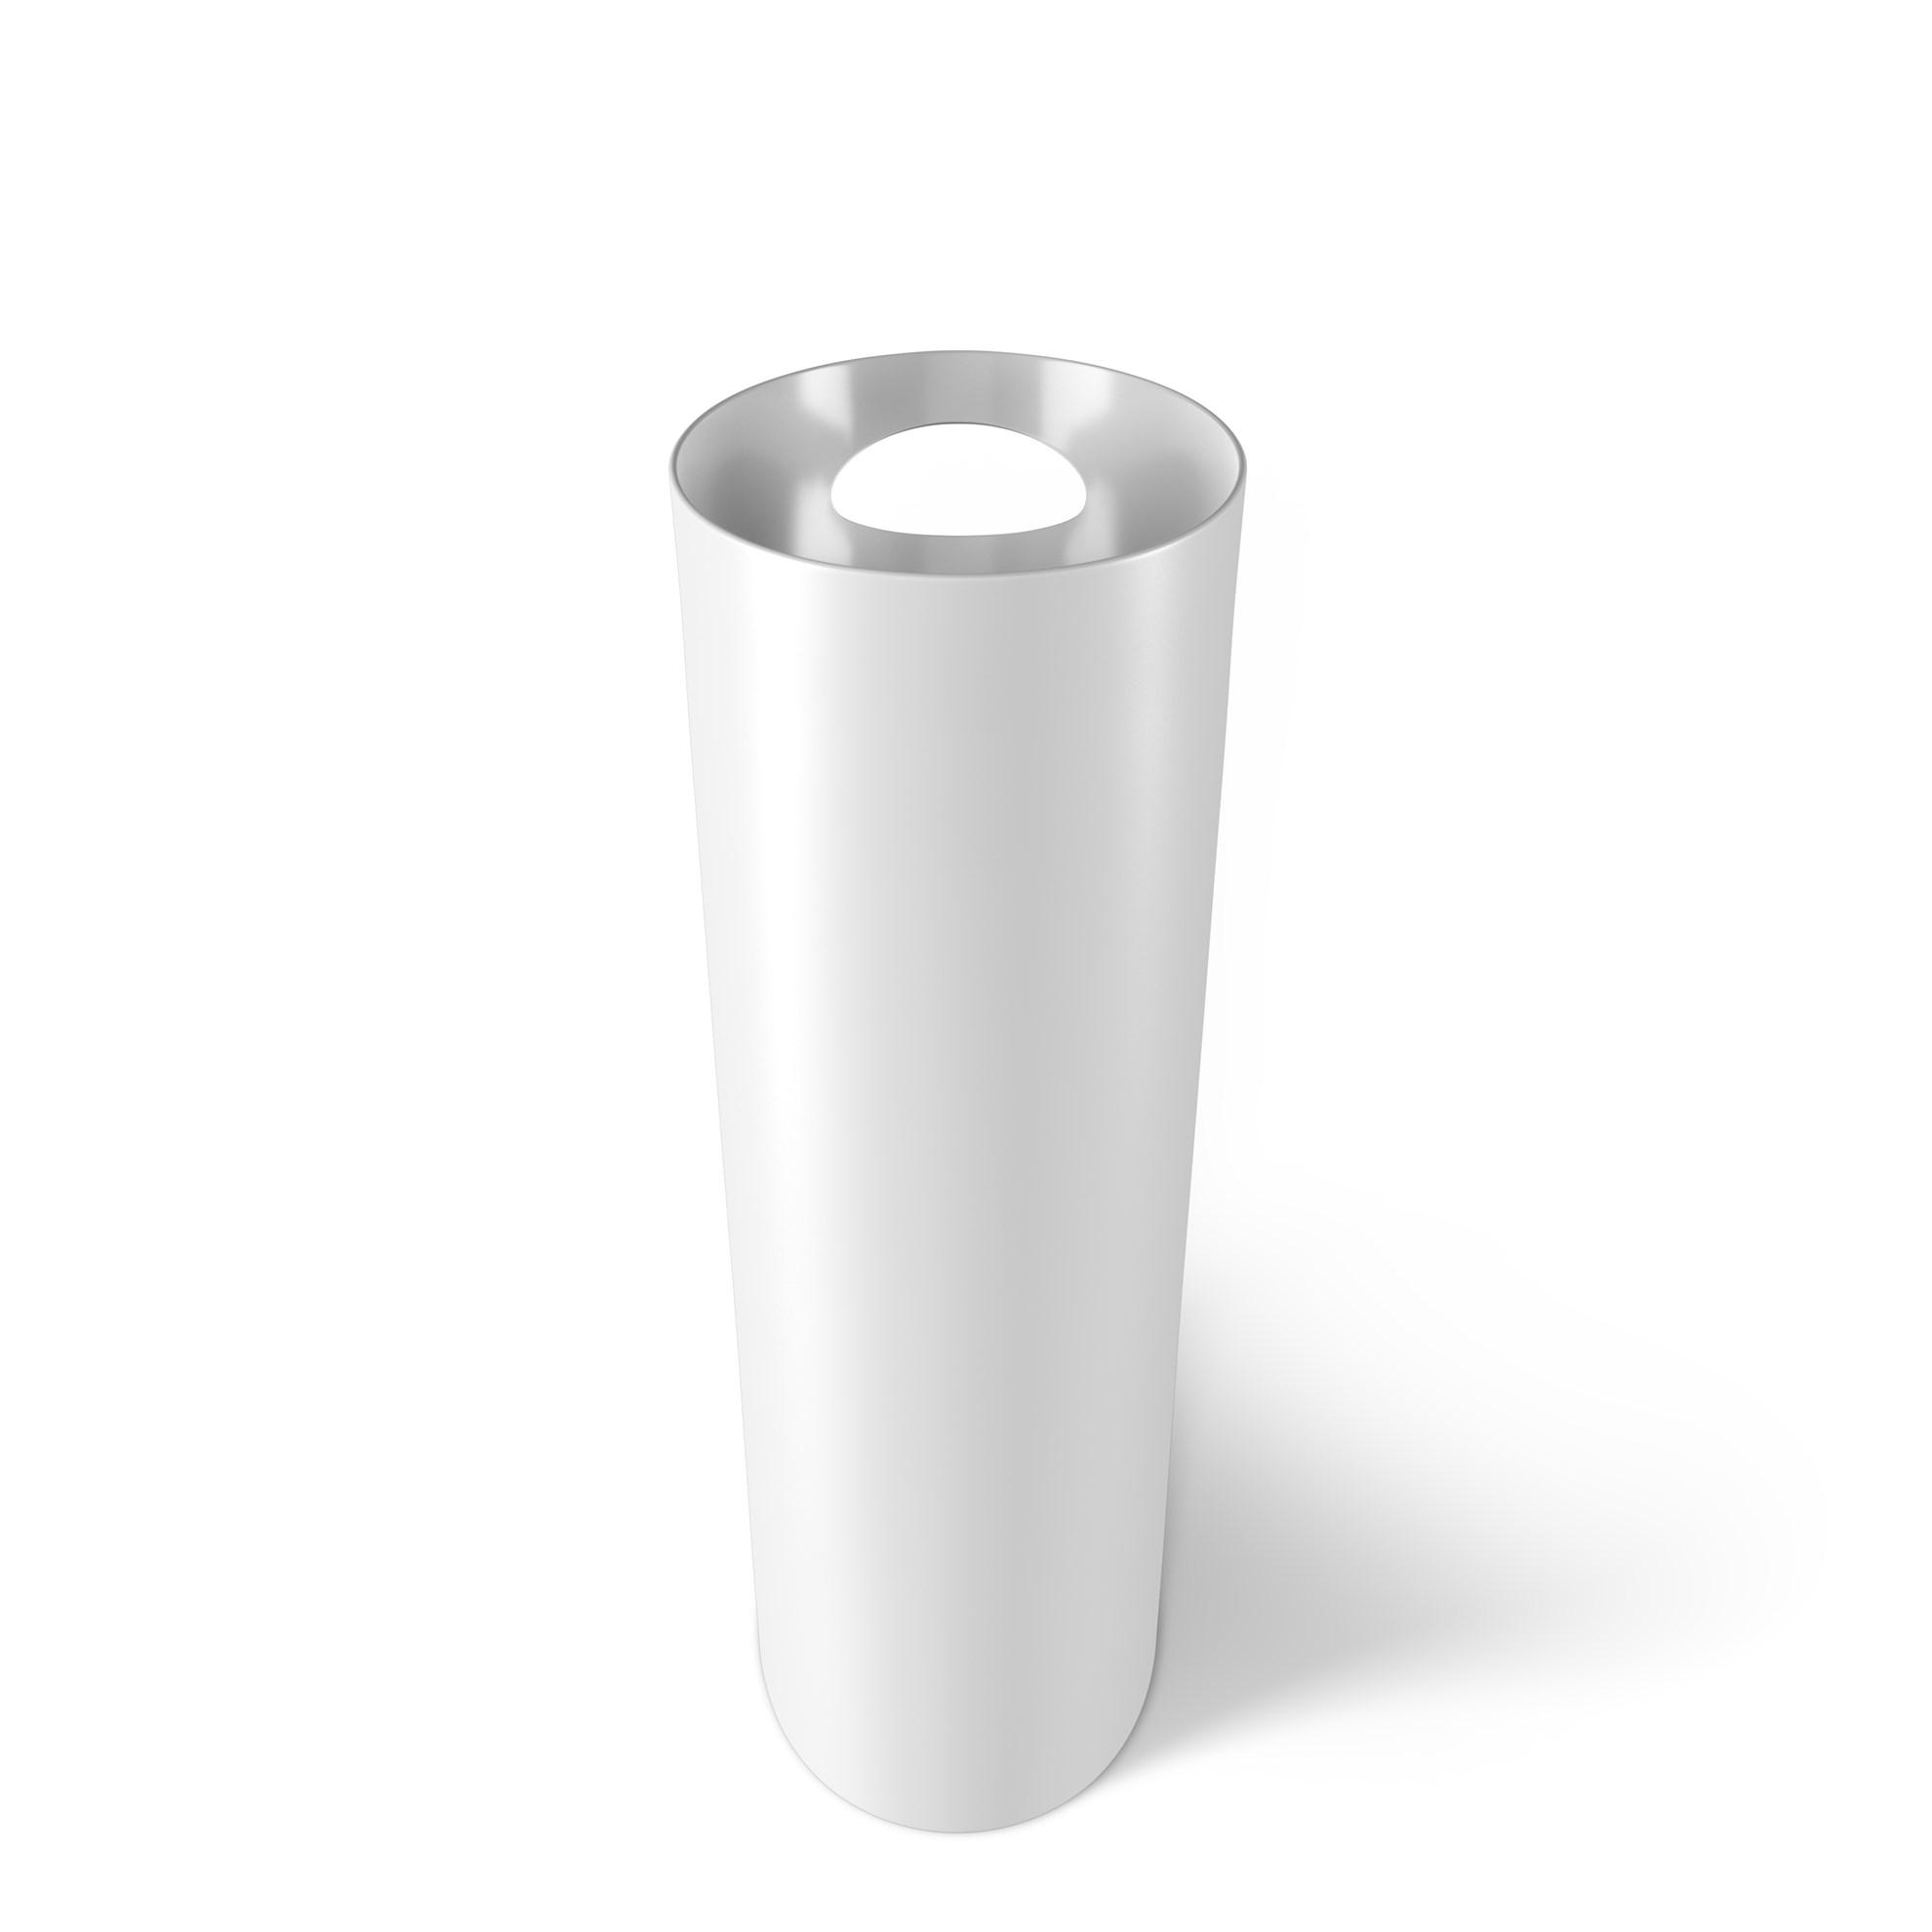 Odpadkový koš SKINNY 7,5 l bílý_2